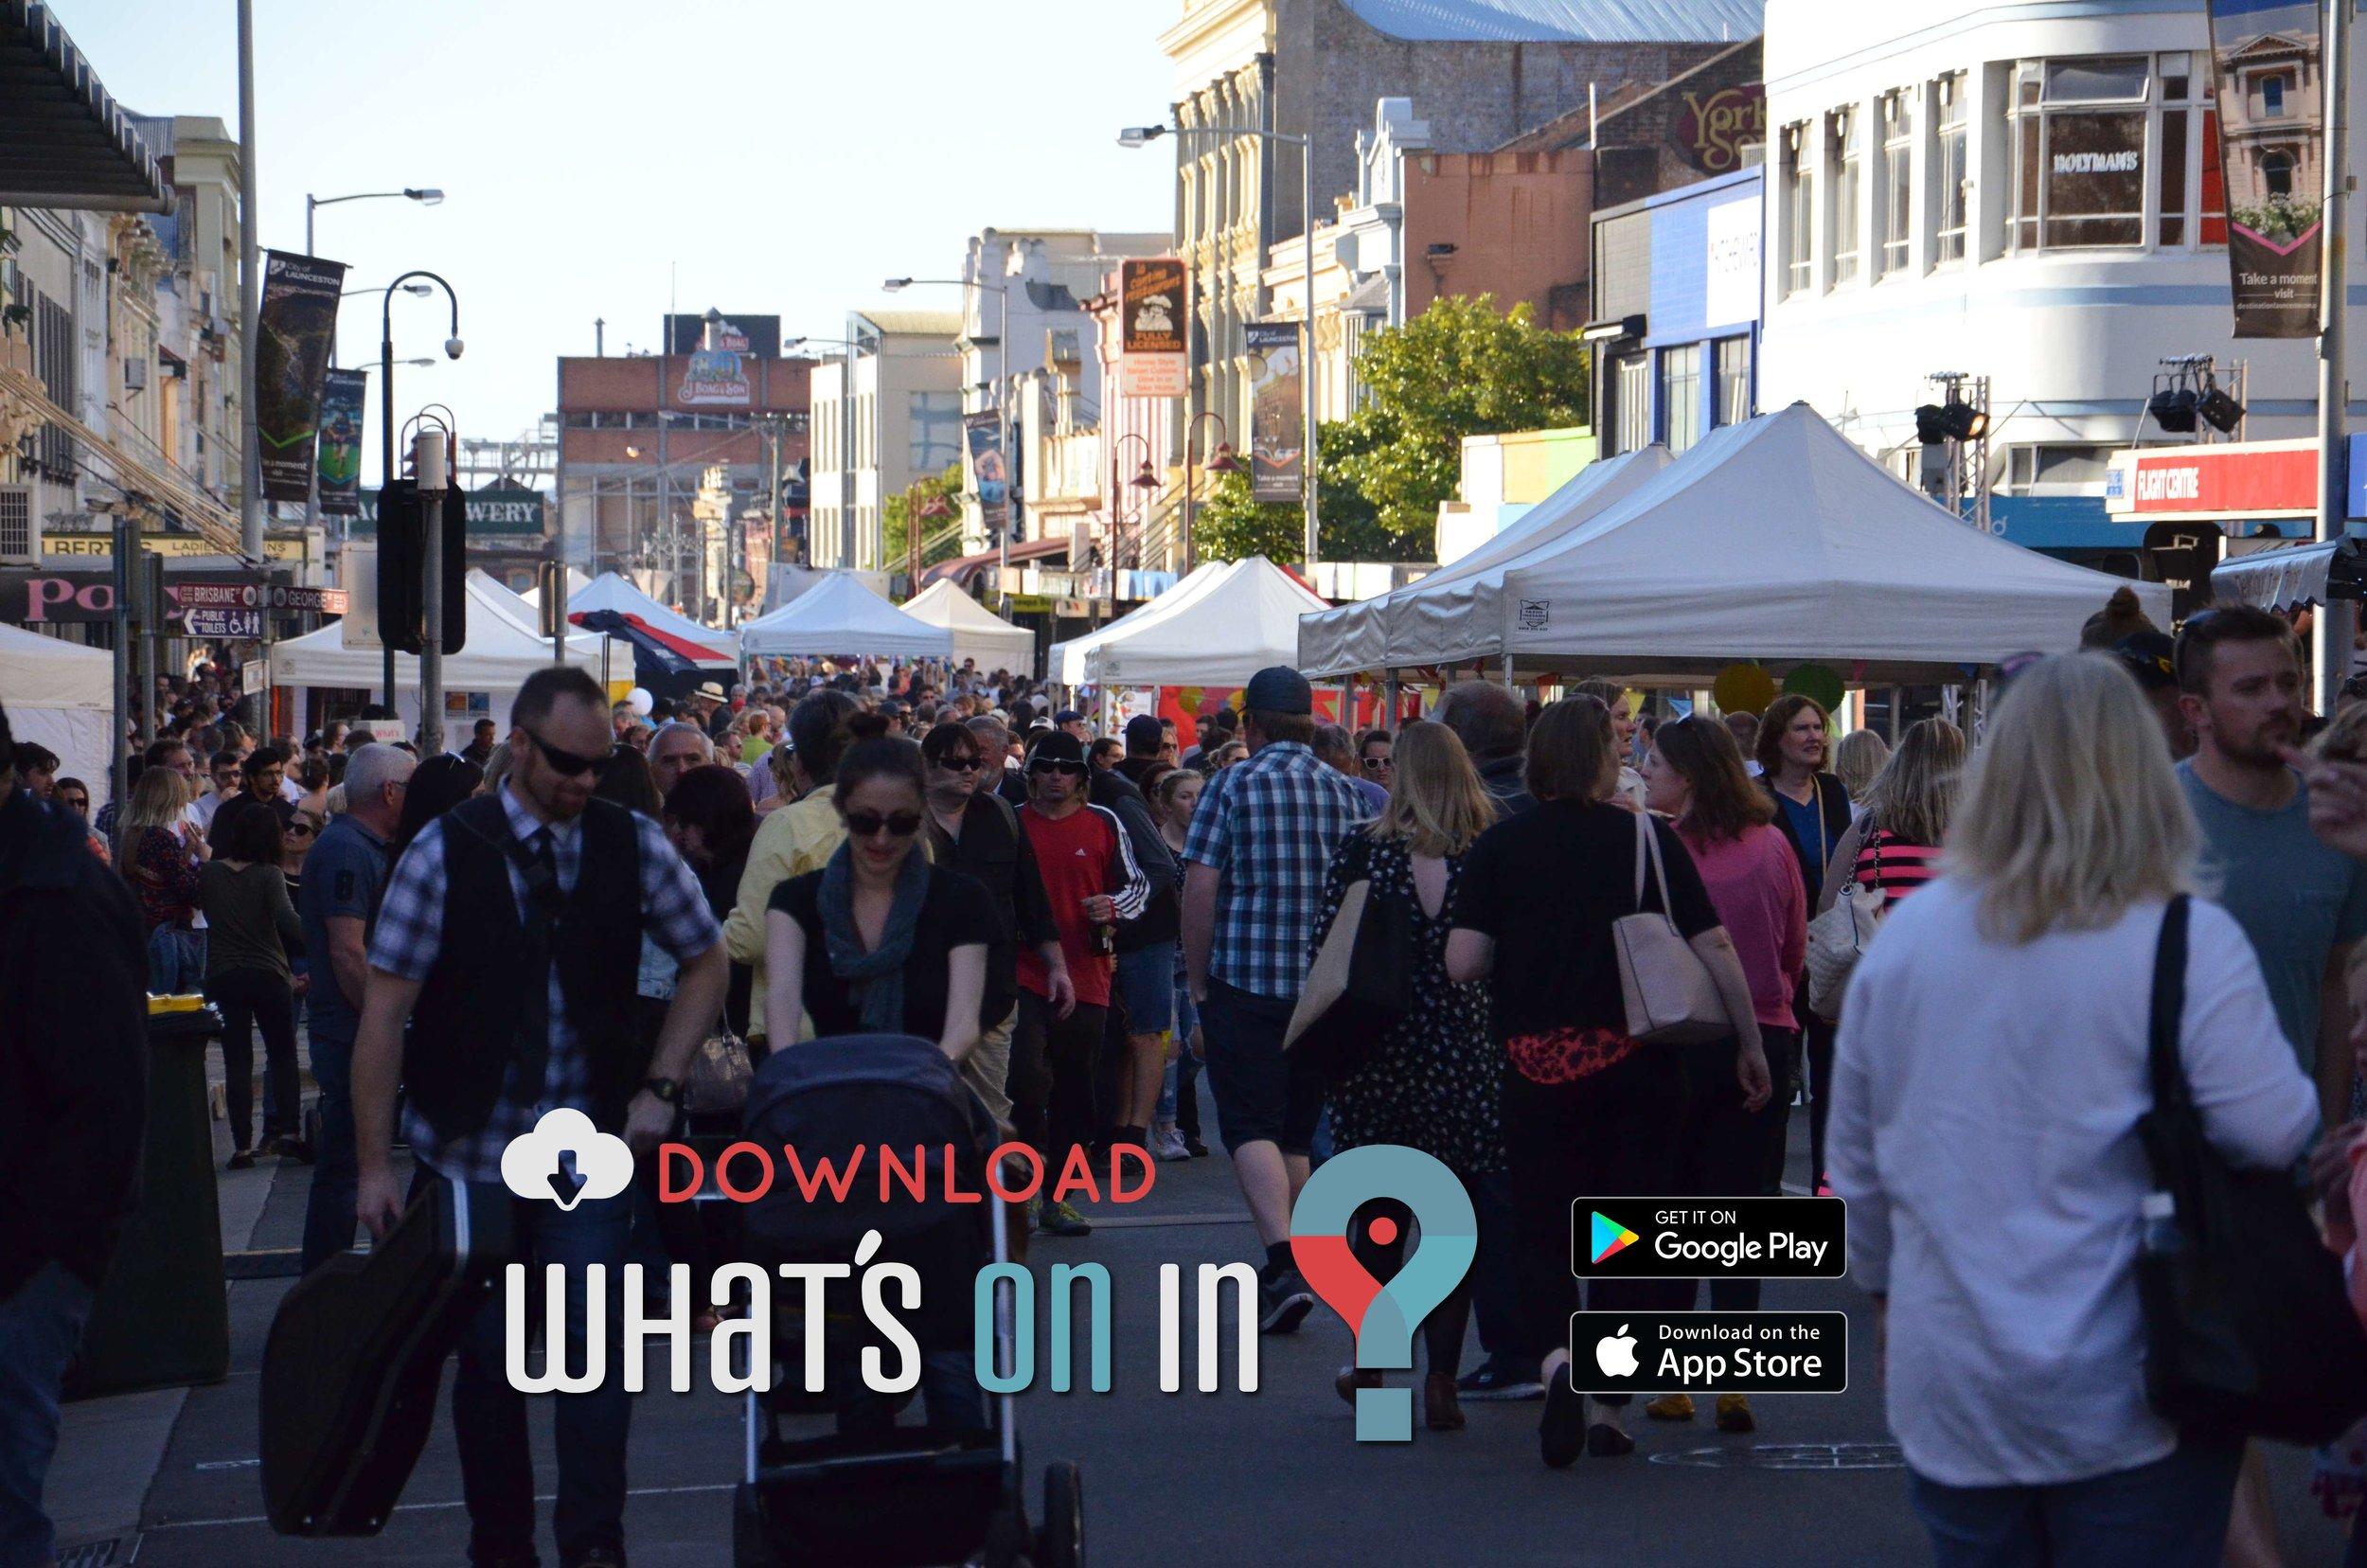 Fiesta on George Festival, Launceston, Tasmania 2016 - What's On In App 033 DSC_7330 (fcp1).jpg